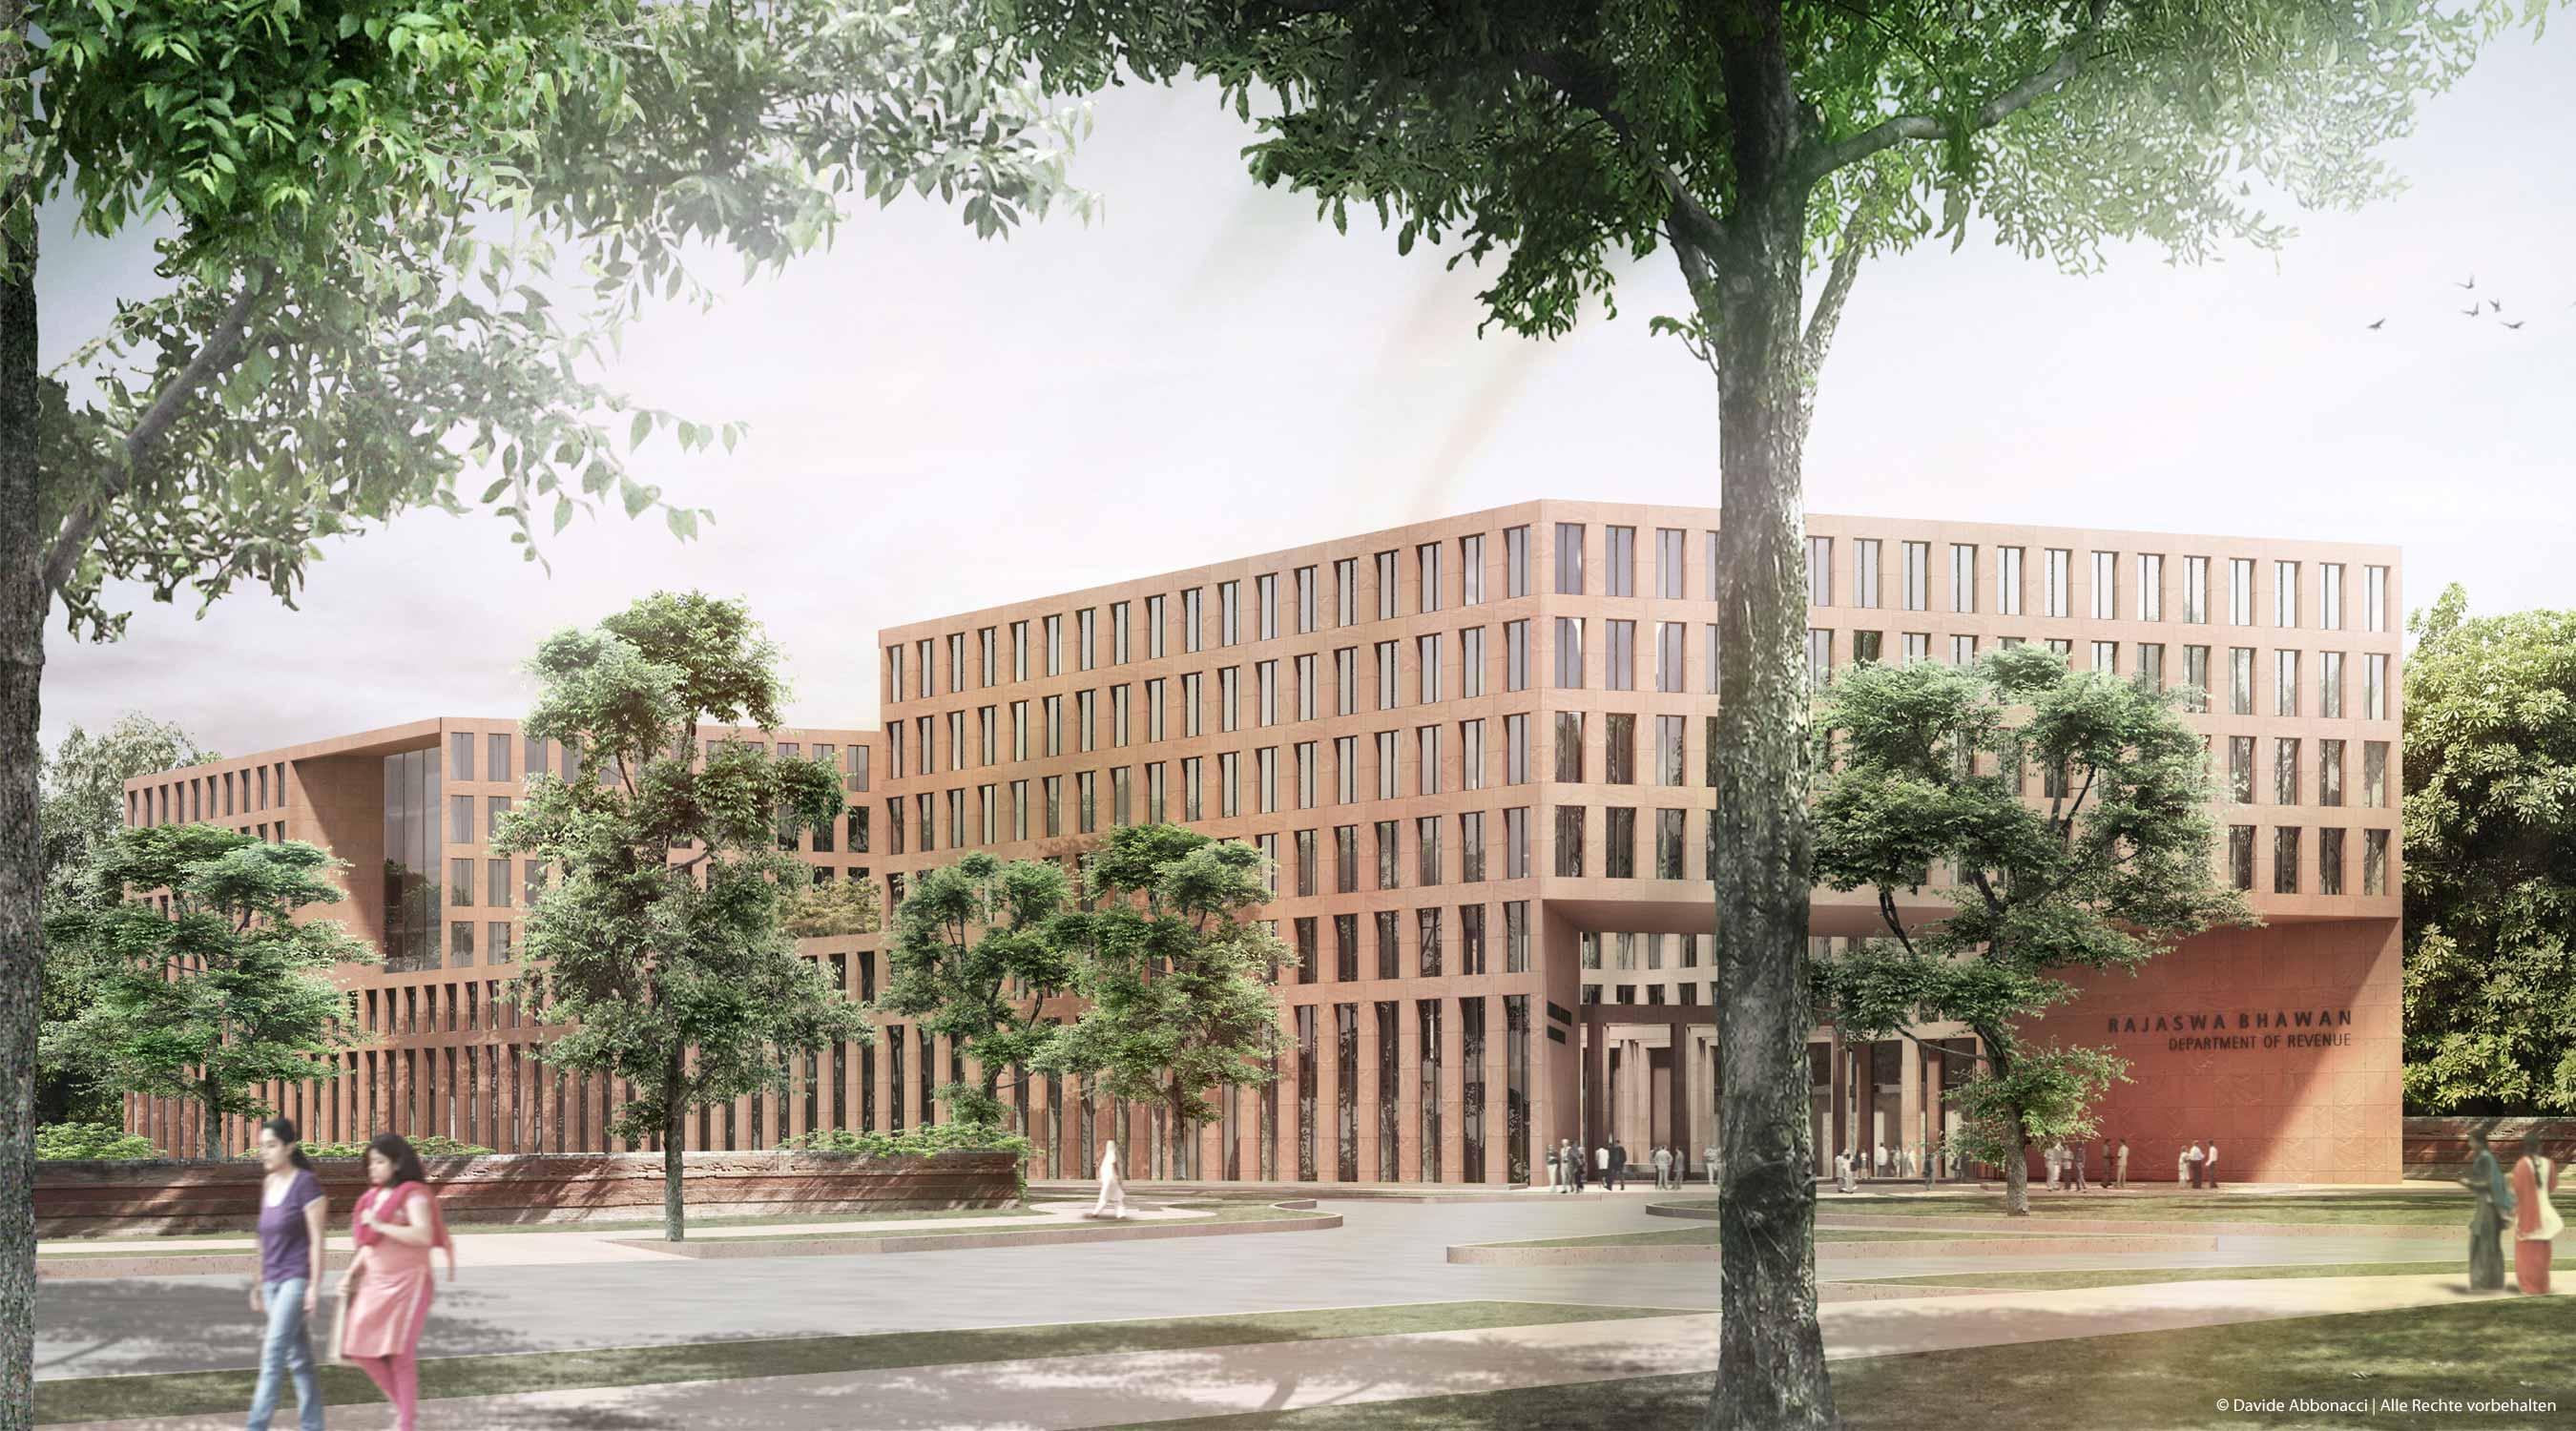 National Tax Headquarter, New Delhi, Indien   gmp Architekten von Gerkan, Marg und Partner   2011 Wettbewerbsvisualisierung